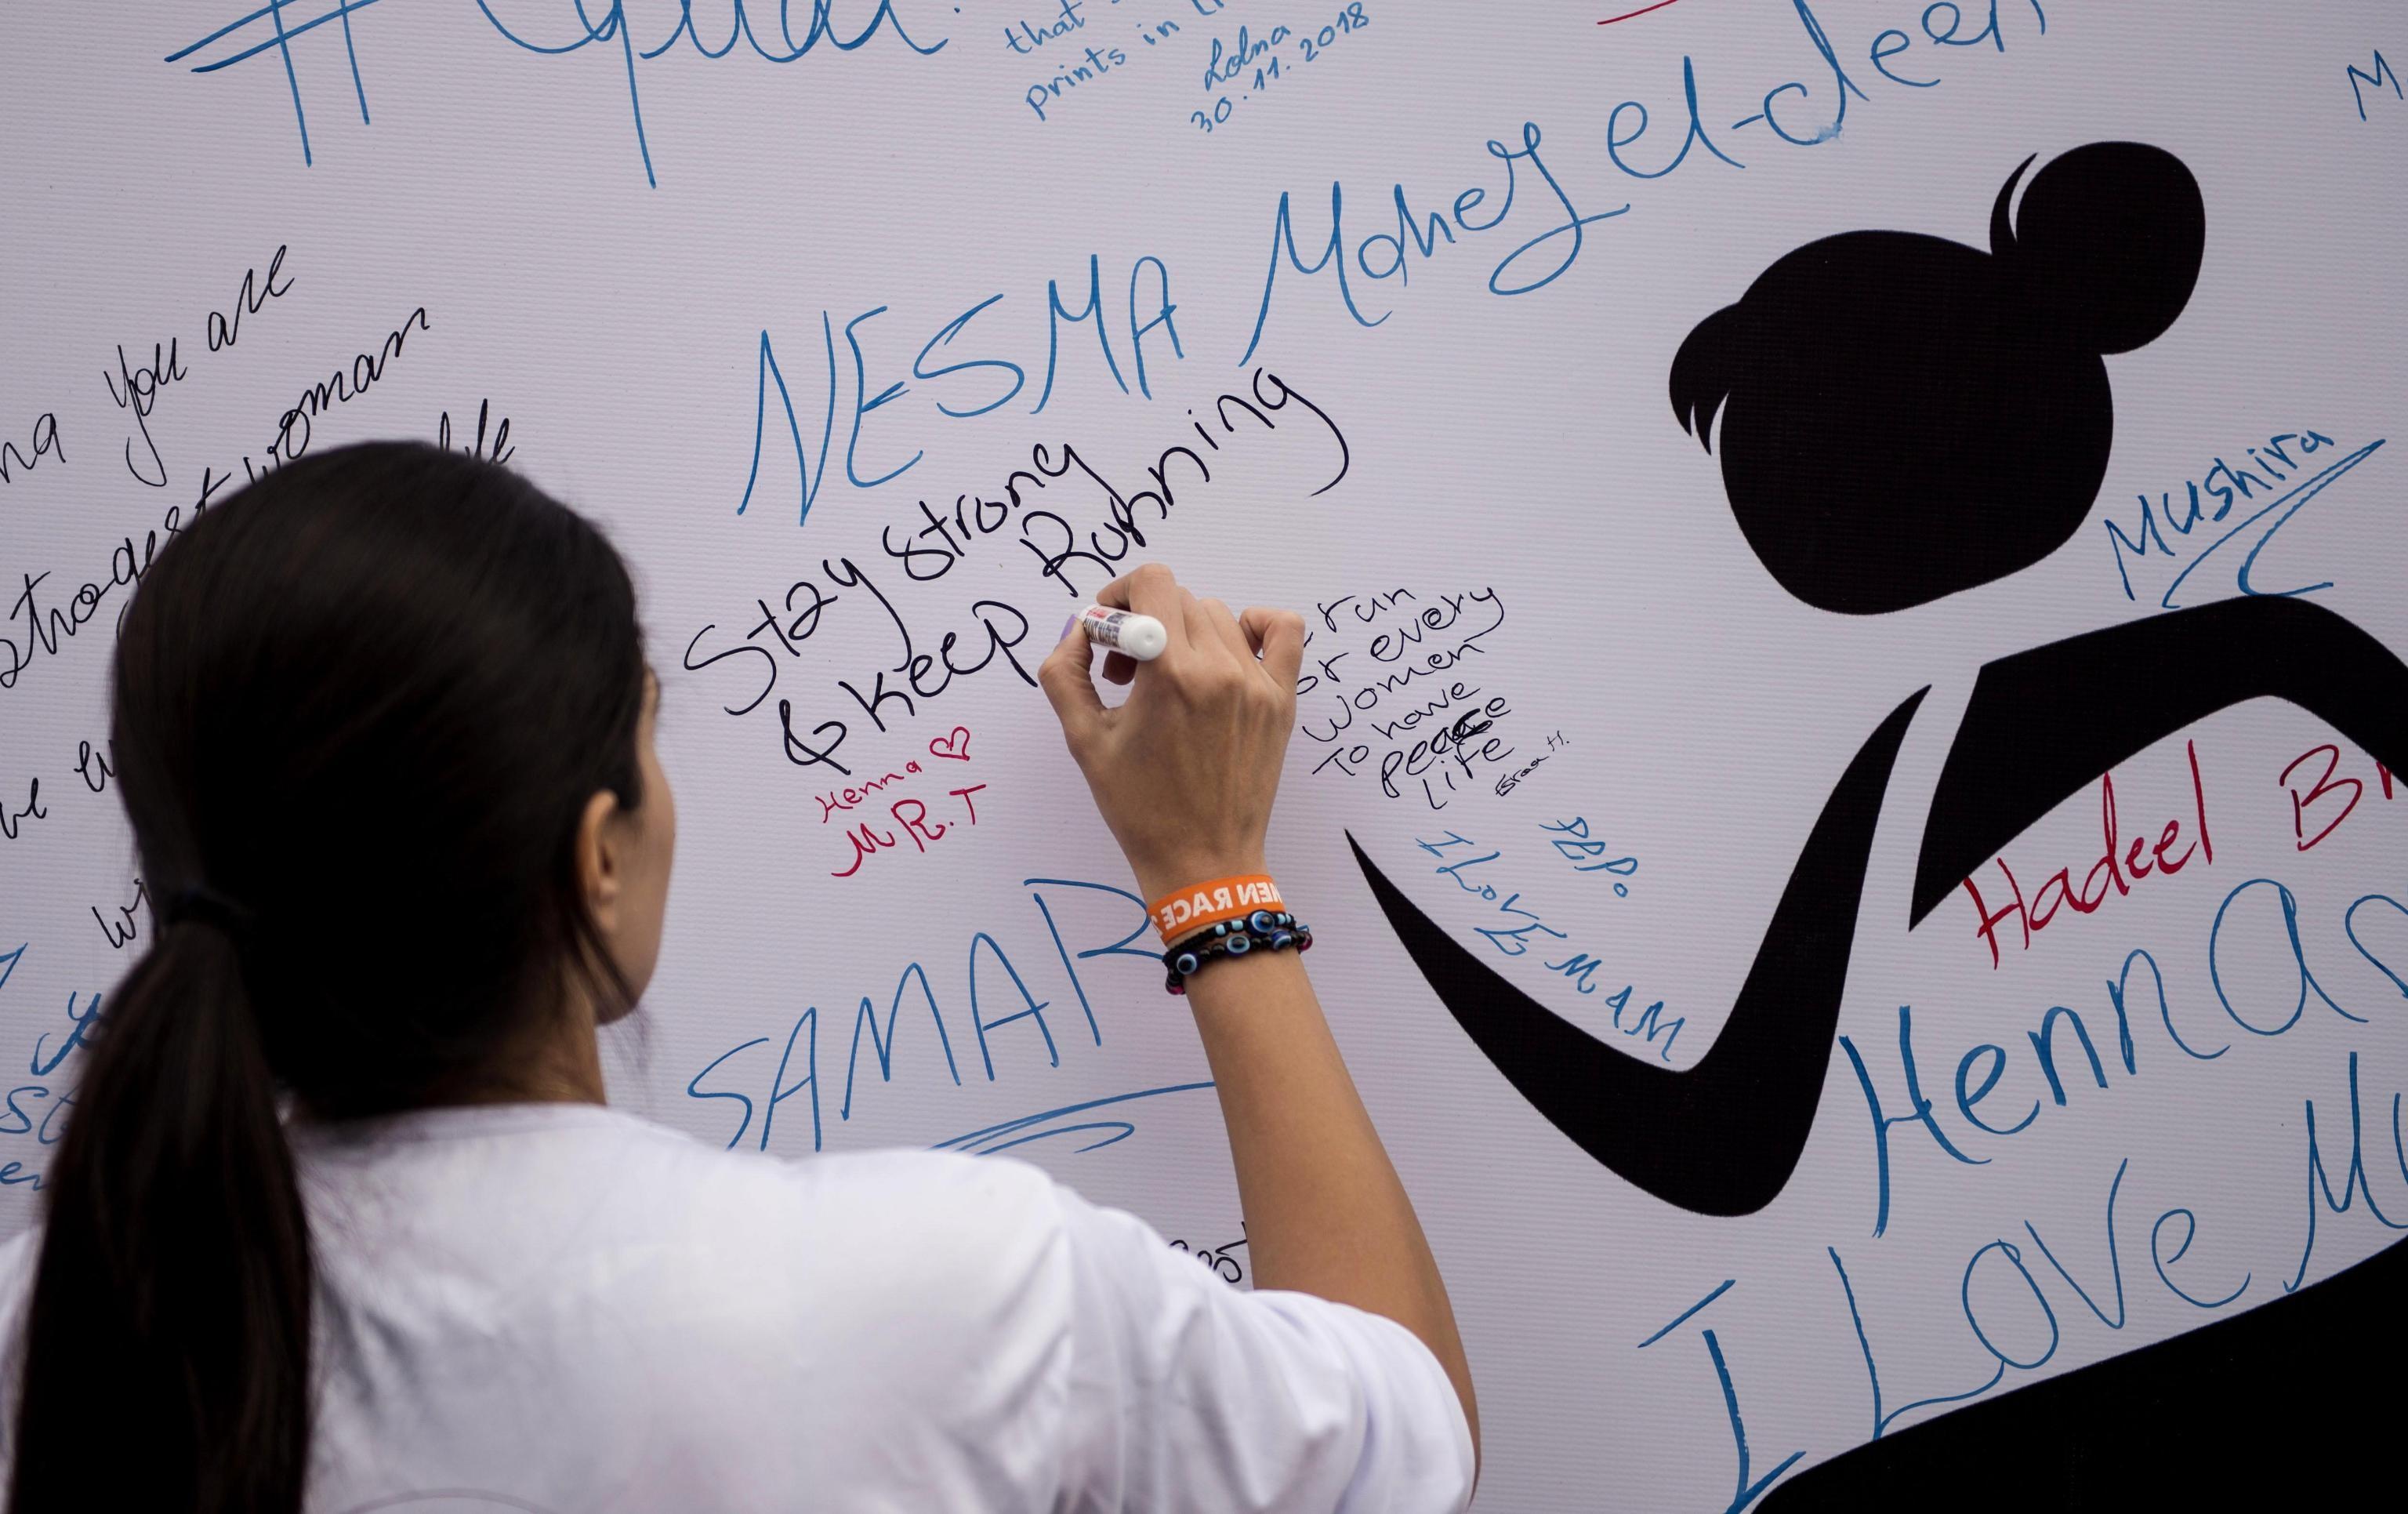 """""""Siate forti e continuate a correre!"""", uno dei tanti messaggi scritti sul muro."""